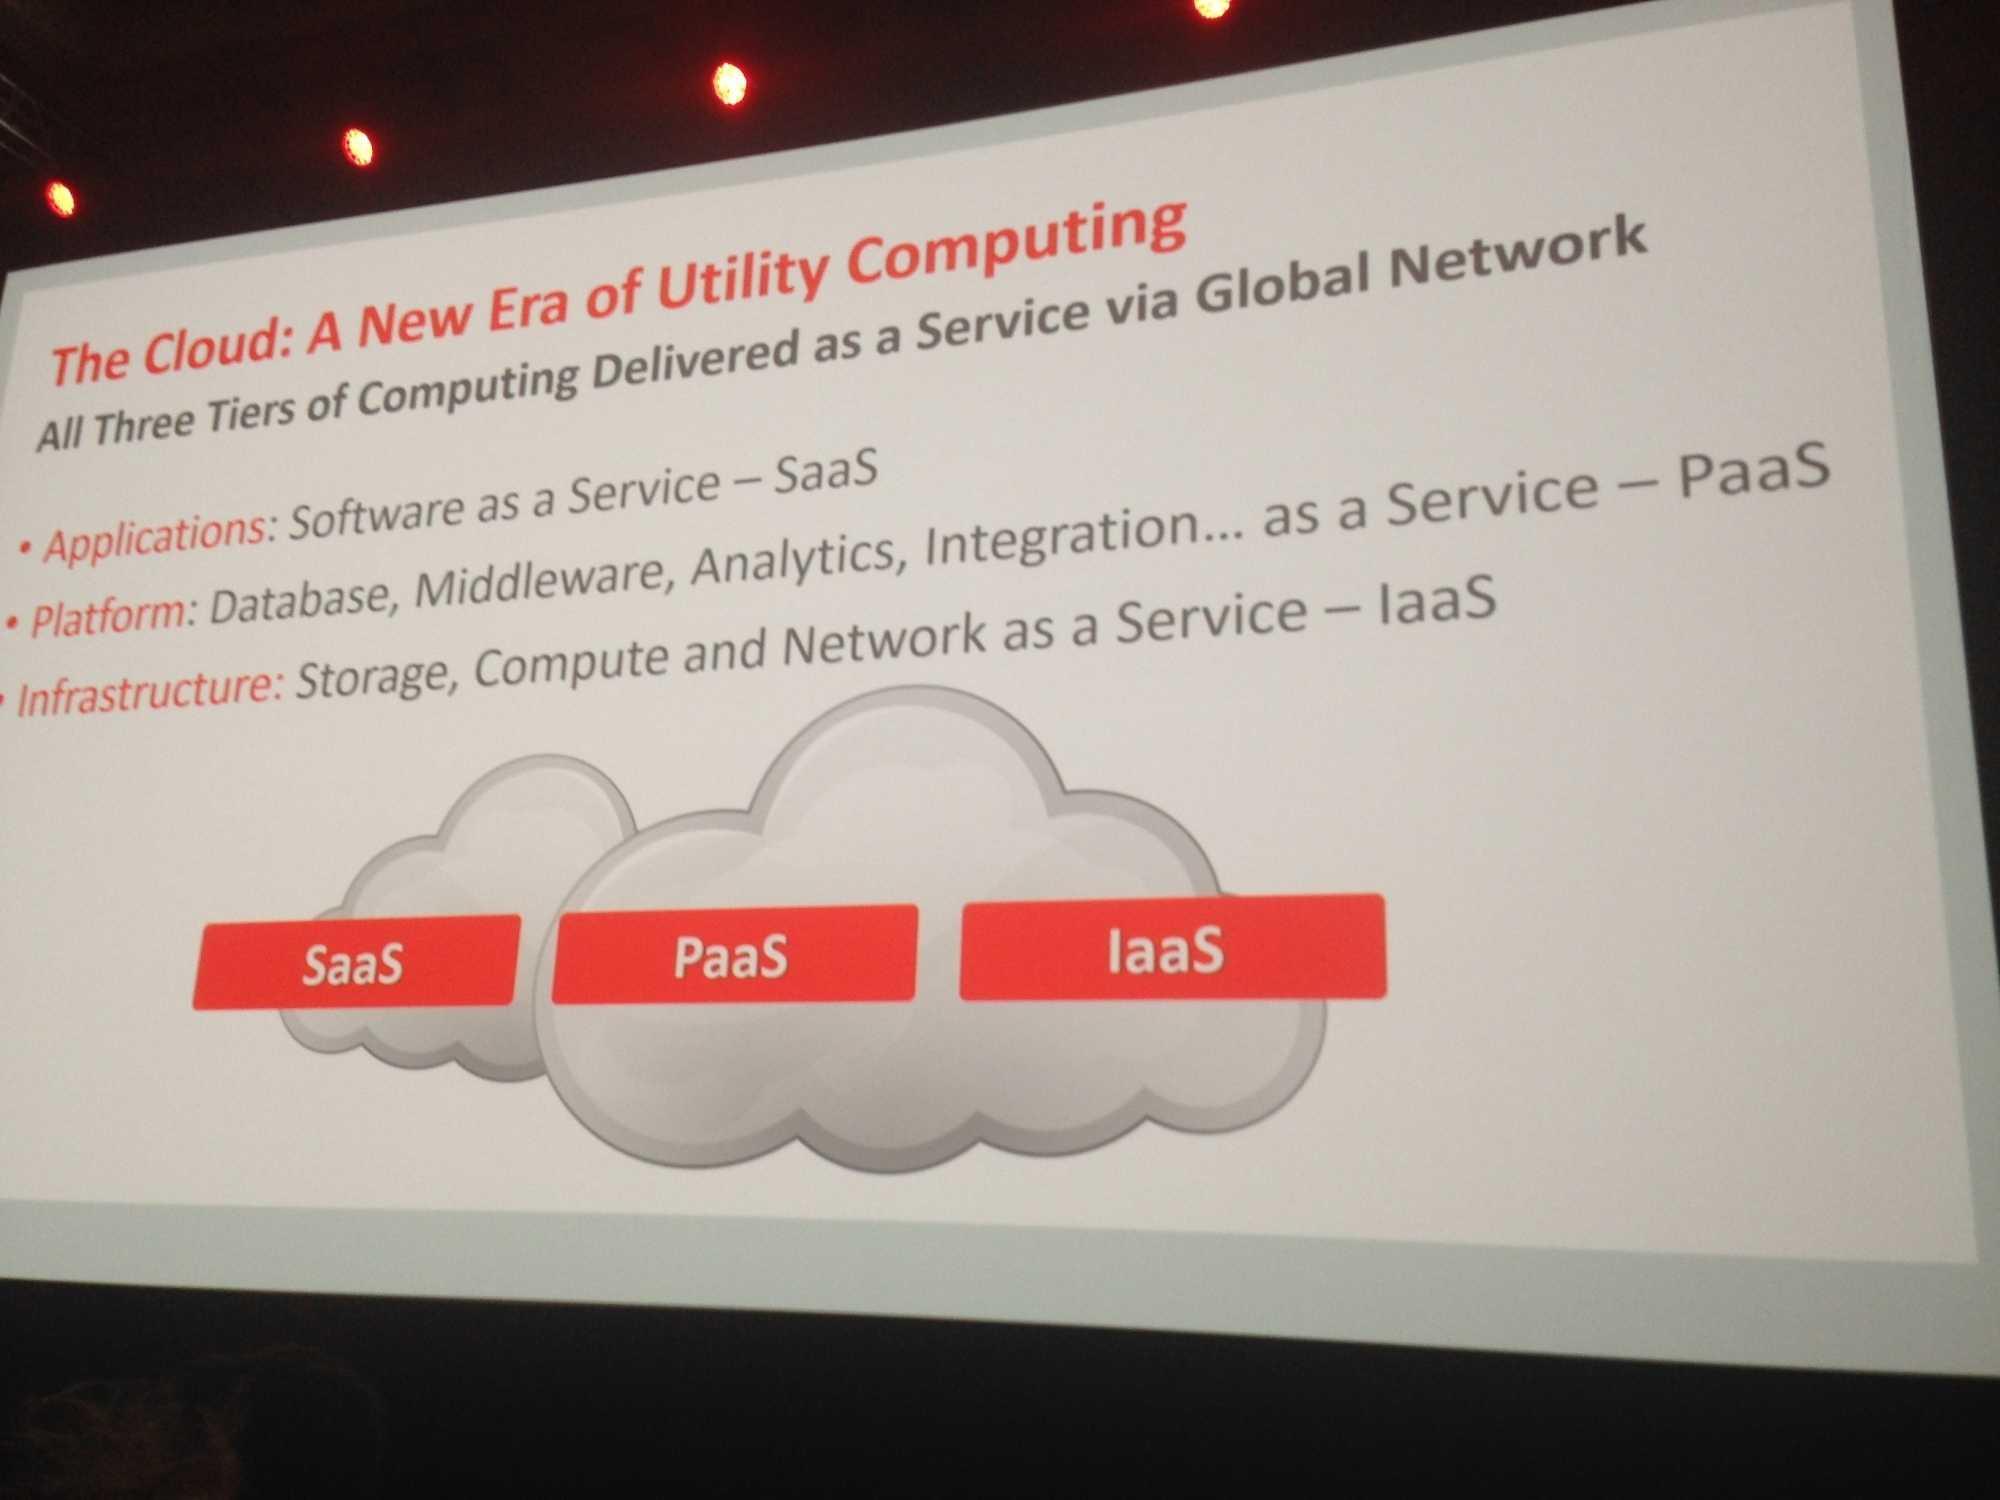 Oracles Cloud bedient SaaS, PaaS und IaaS